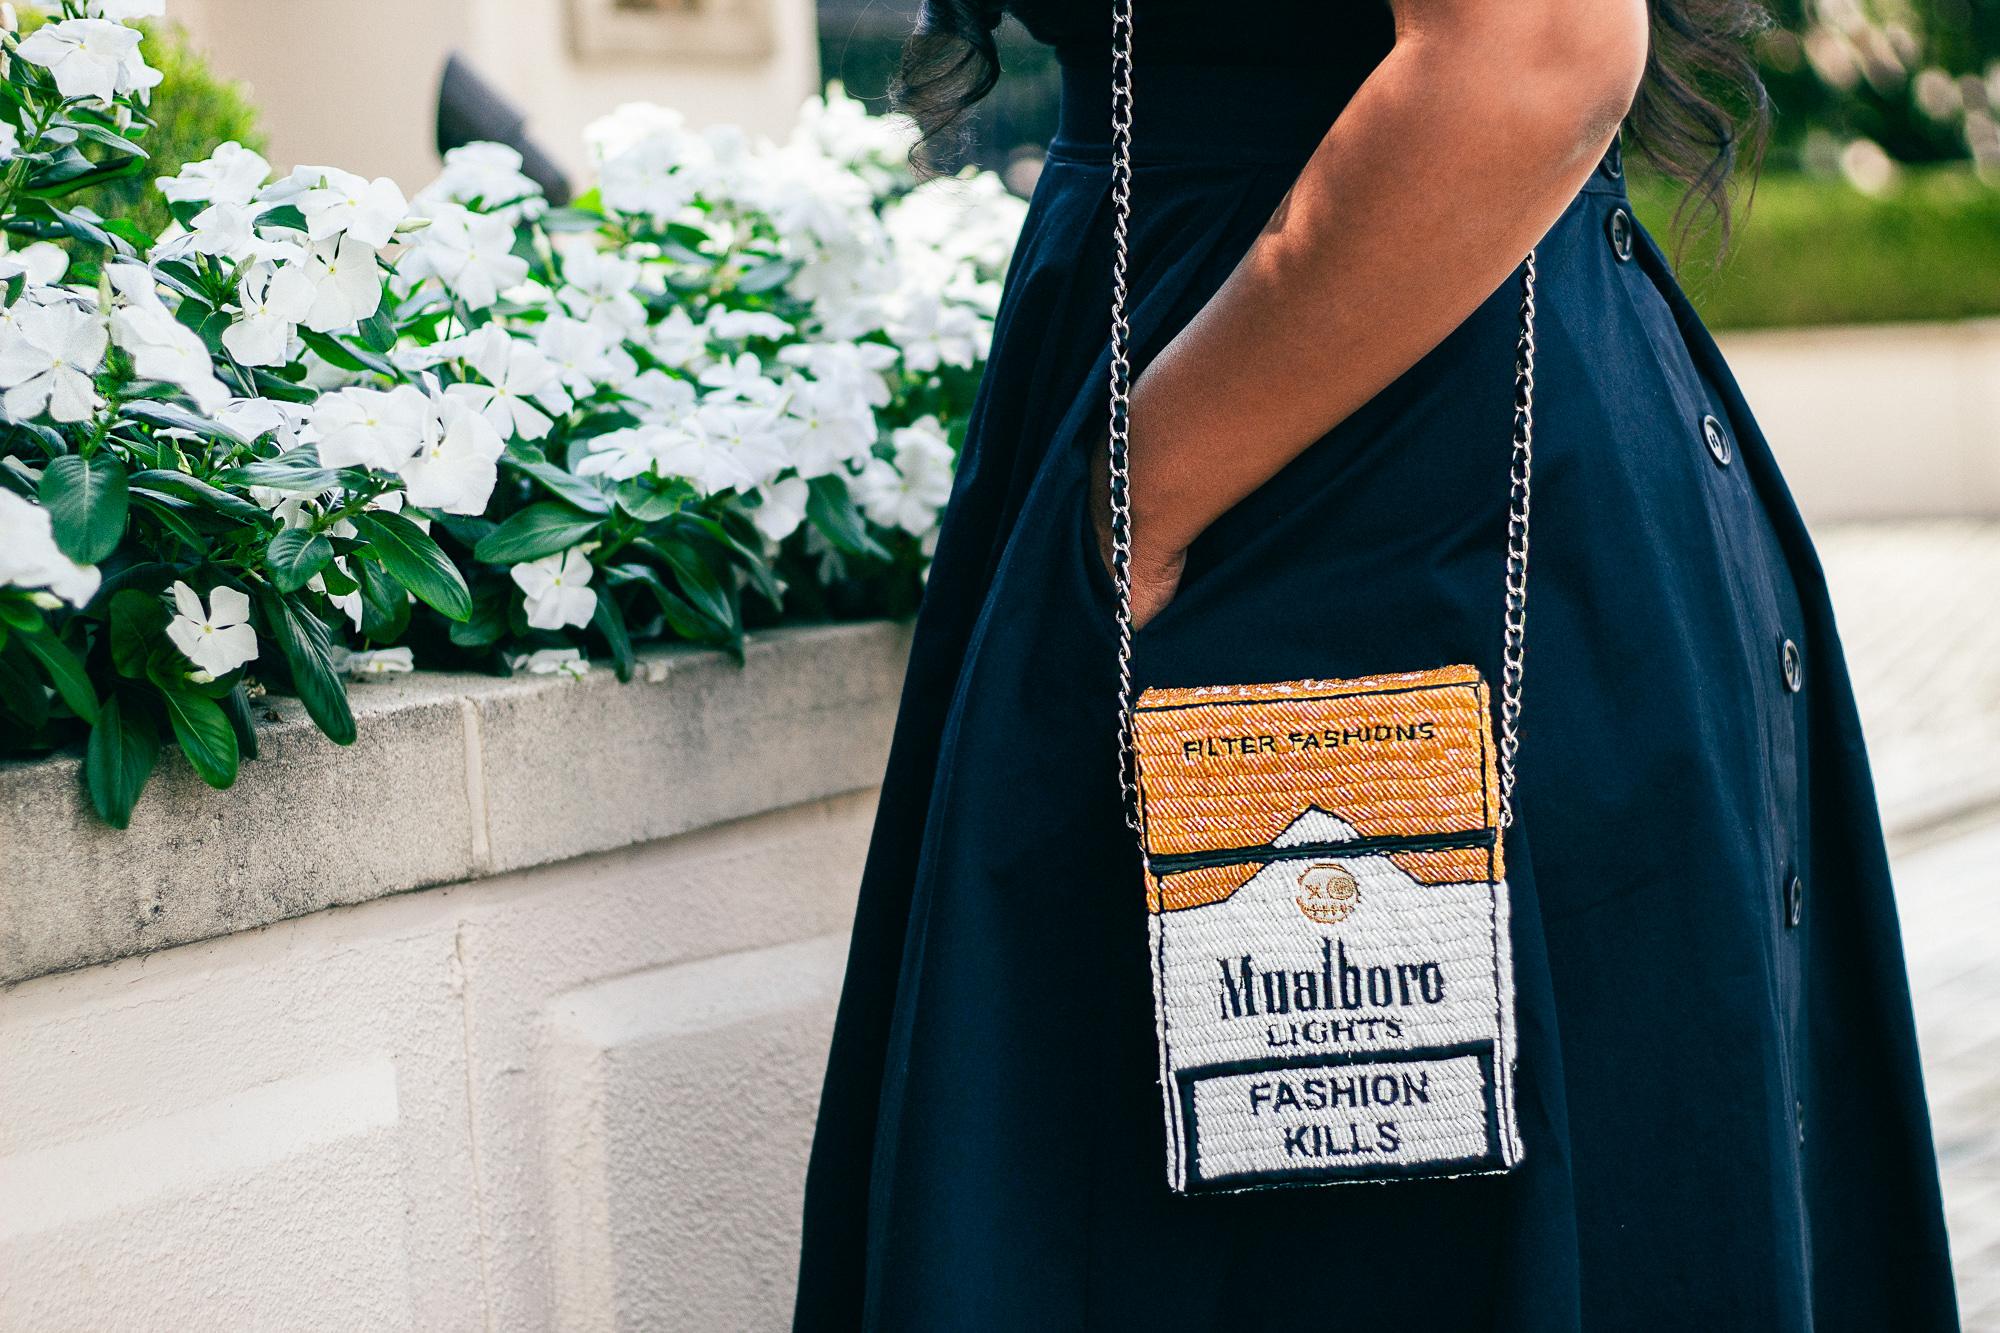 mualboro-cigarette-handbag-designer